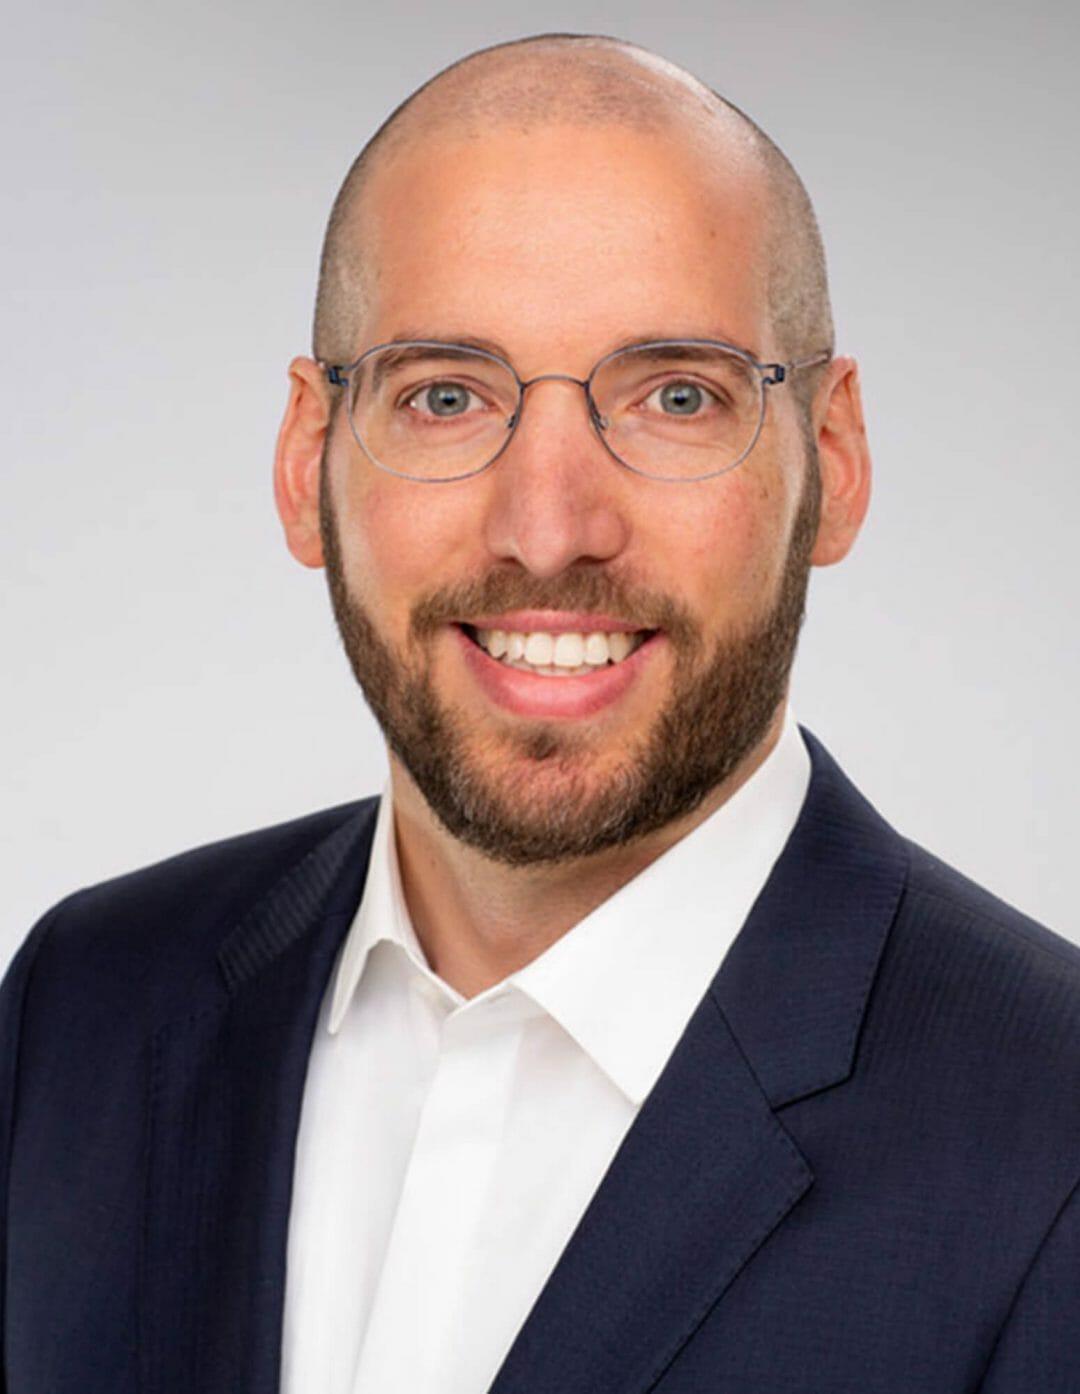 Prof. Dr. Arne Kröger-Horstmann Impact Advisor at Ananda Impact Ventures